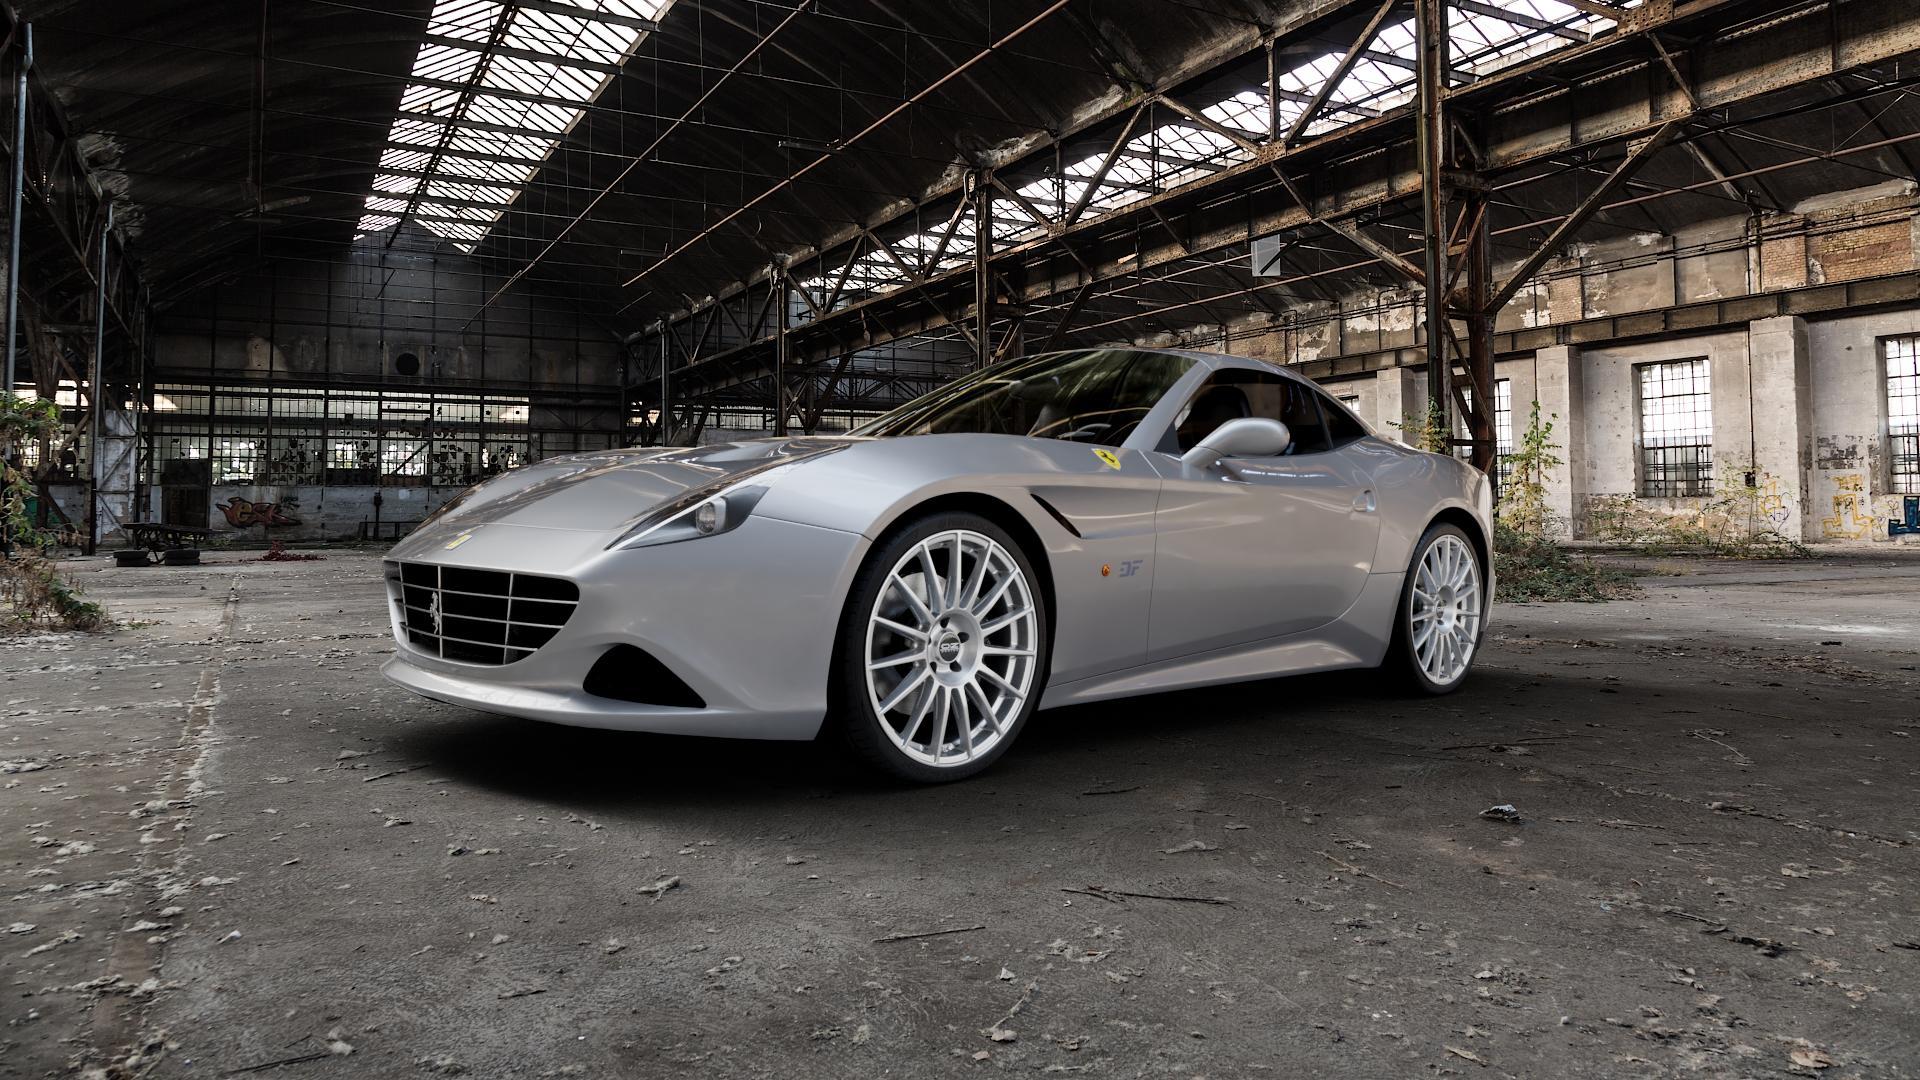 Ferrari California Felgen Und Kompletträder Felgenshop De